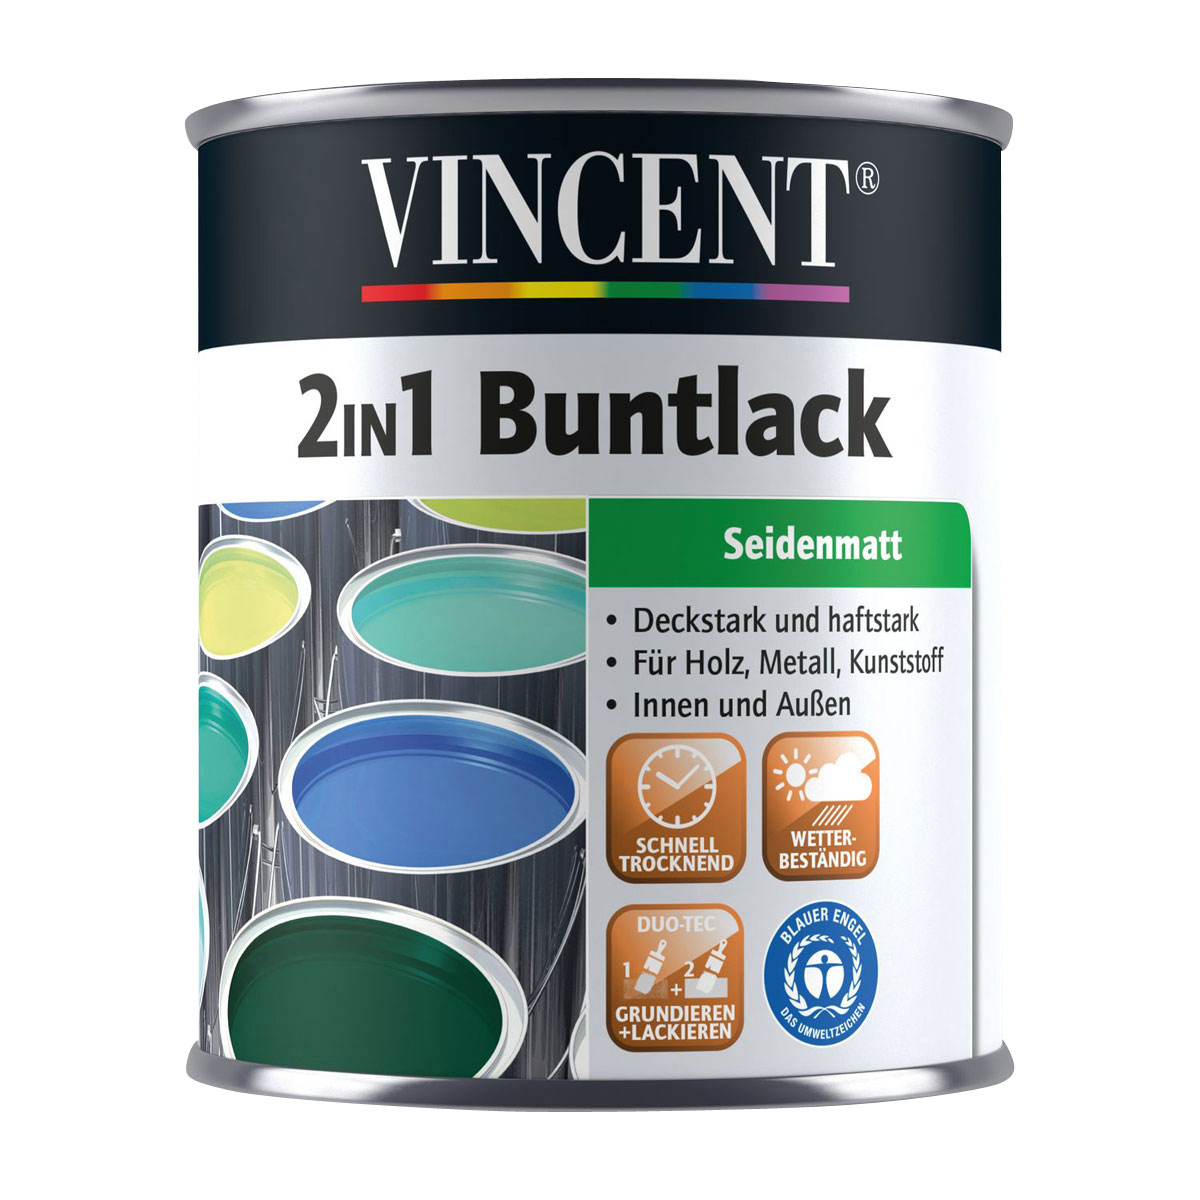 Vincent 2in1 Buntlack ockerbraun